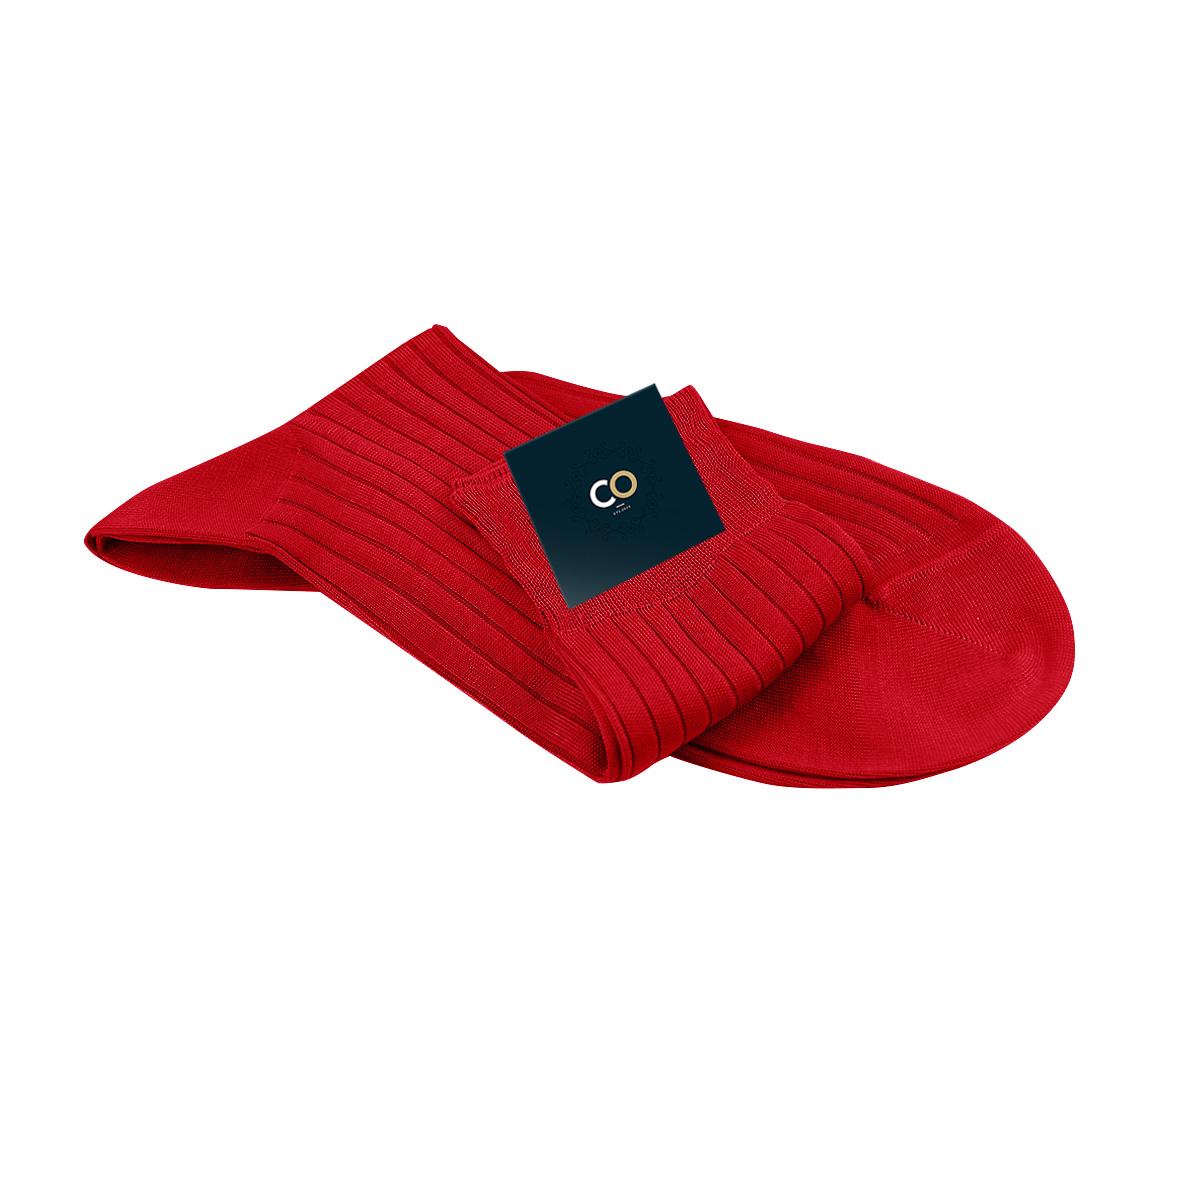 Chaussette rouge coquelicot, Rainier